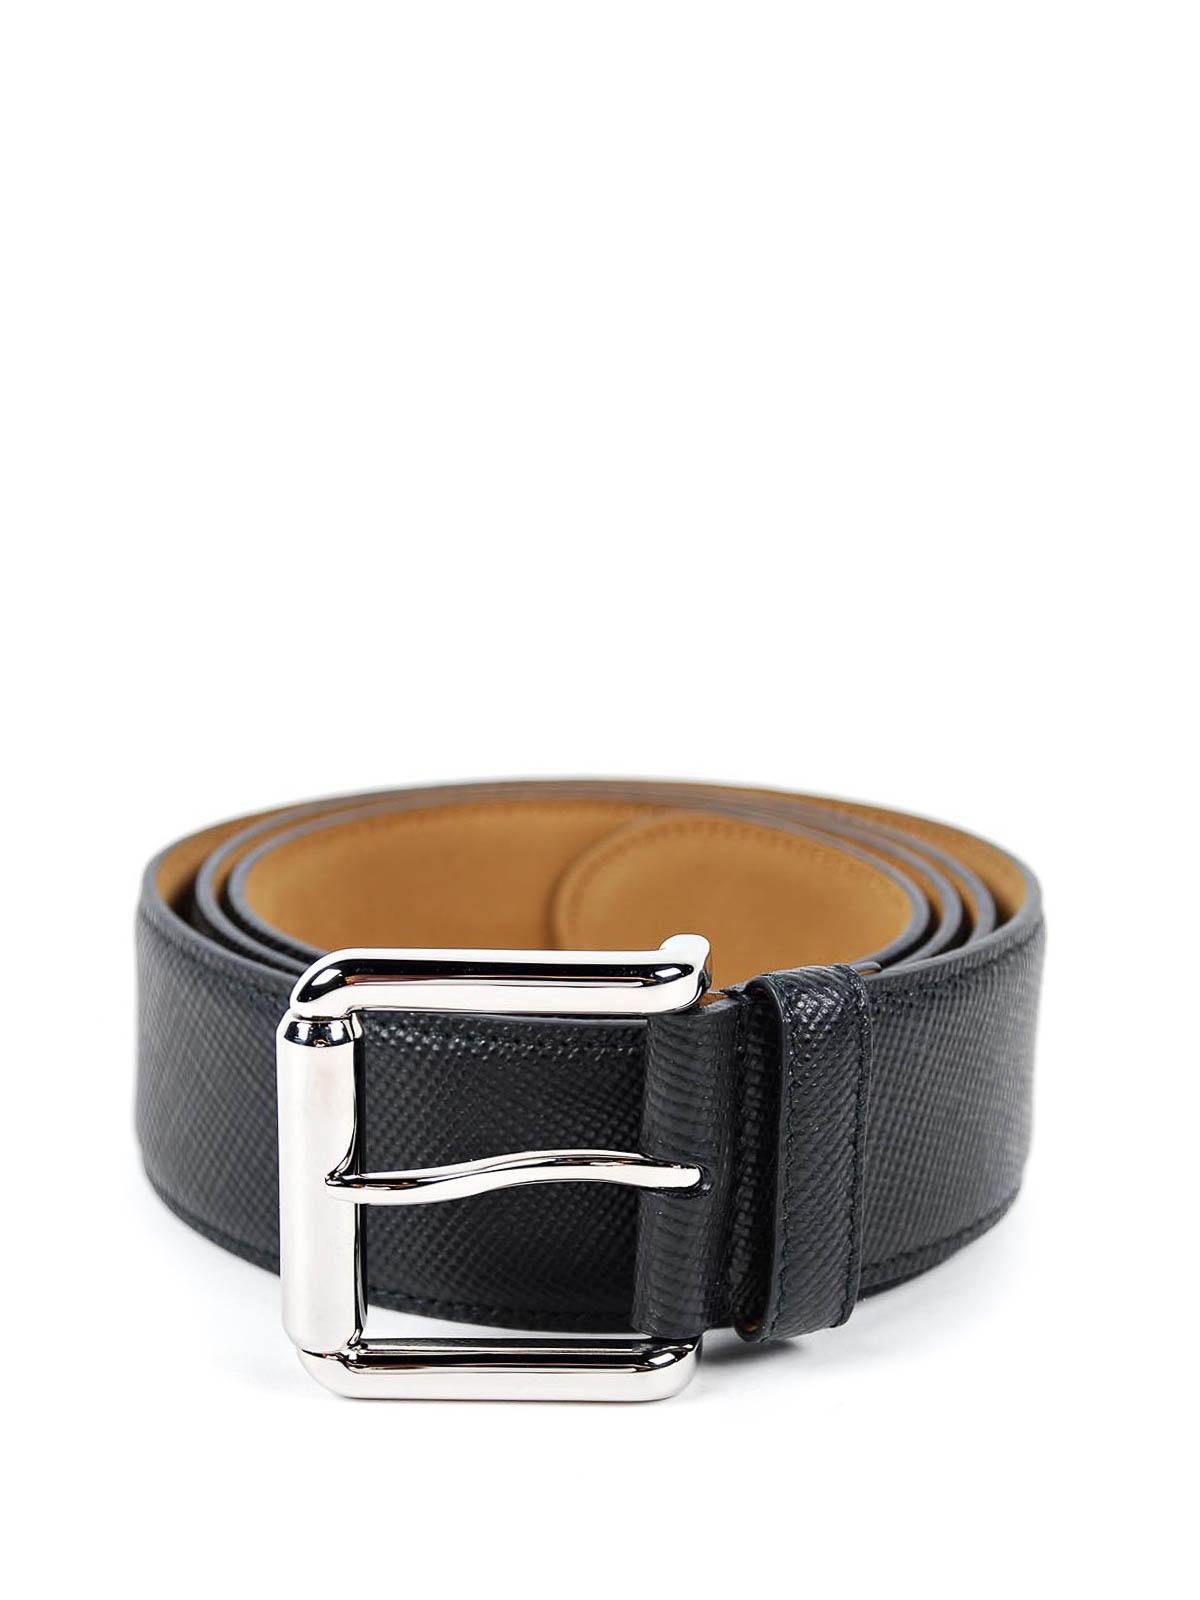 Cintura in pelle Saffiano Prada - cinture | iKRIX